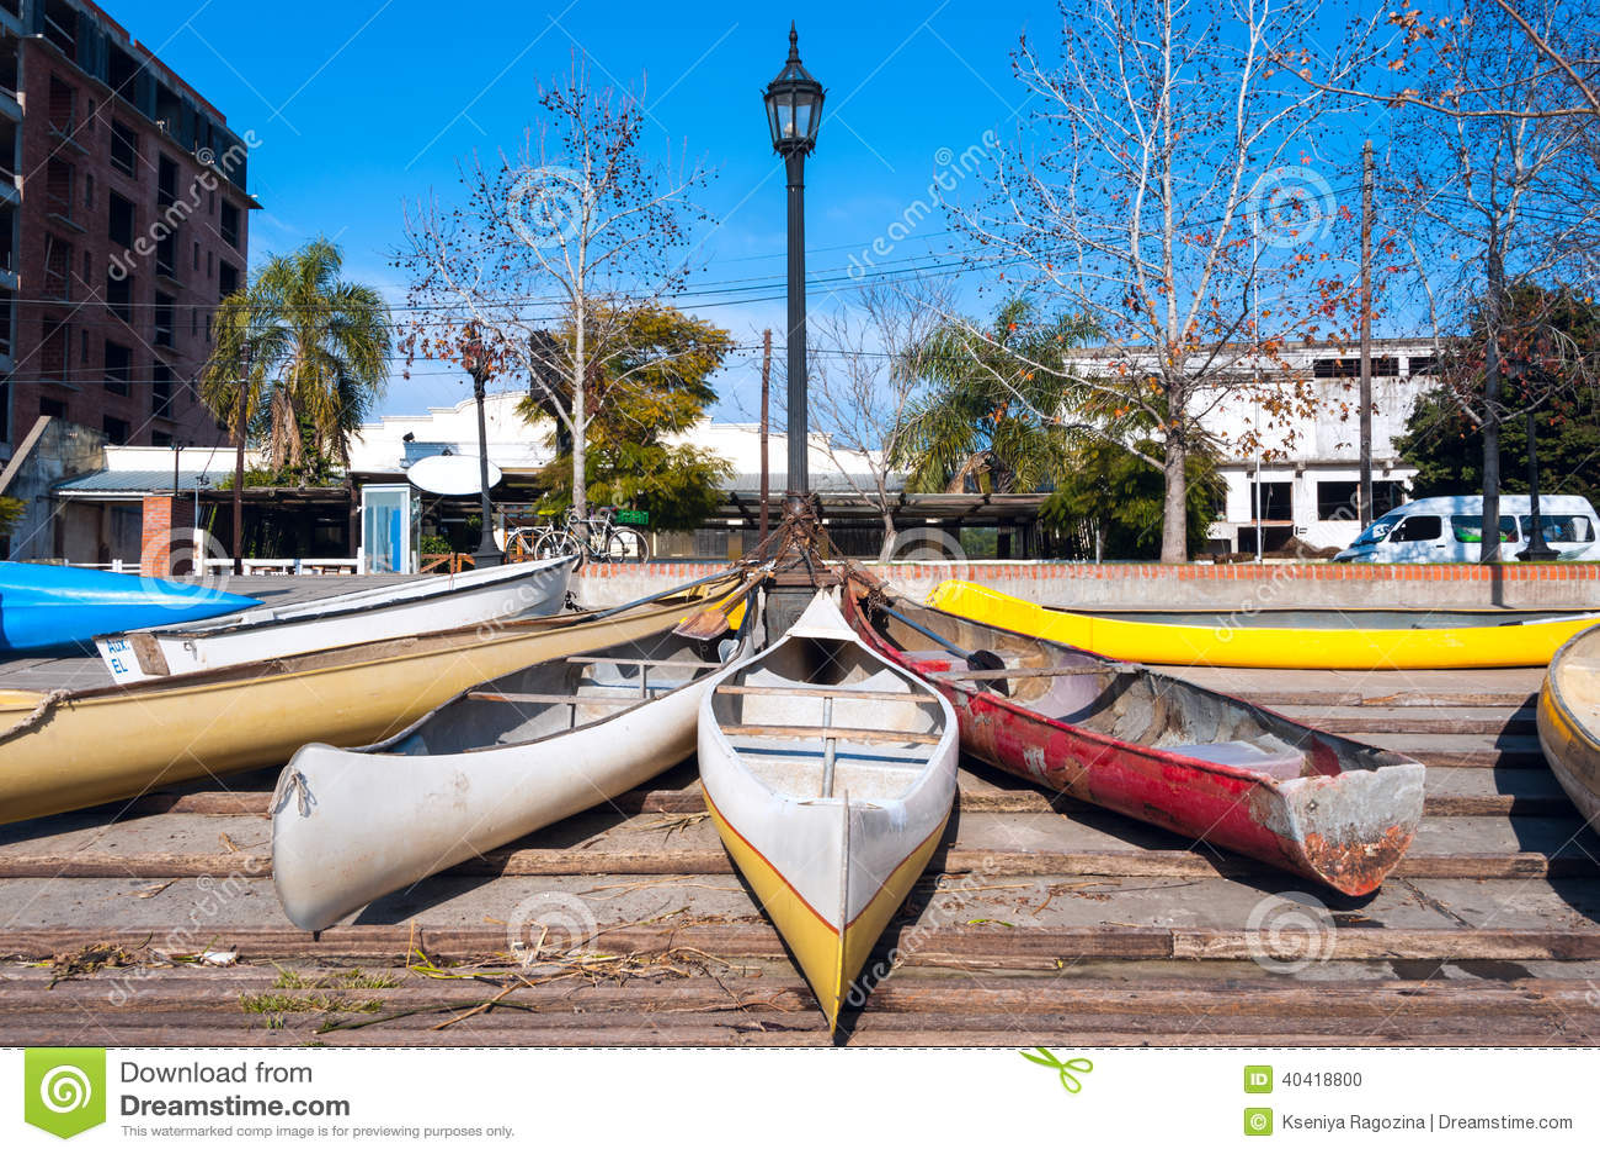 Parkeren van persoonlijke voertuigen in Gr Tigre, Argentinië